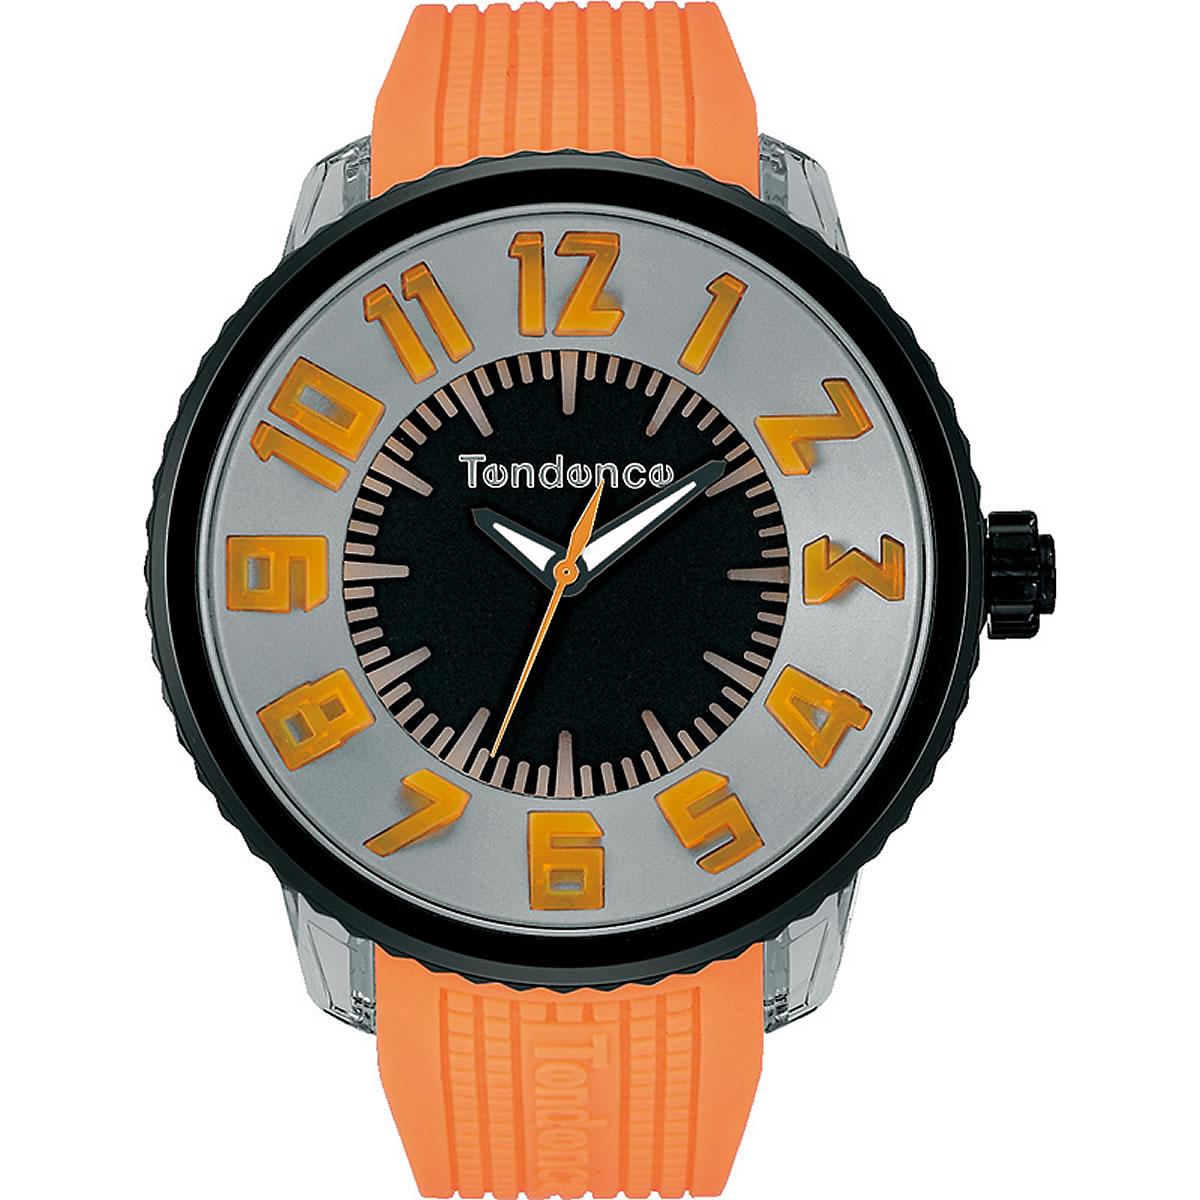 Tendence(テンデンス)FLASH(フラッシュ)TG530007 オレンジ